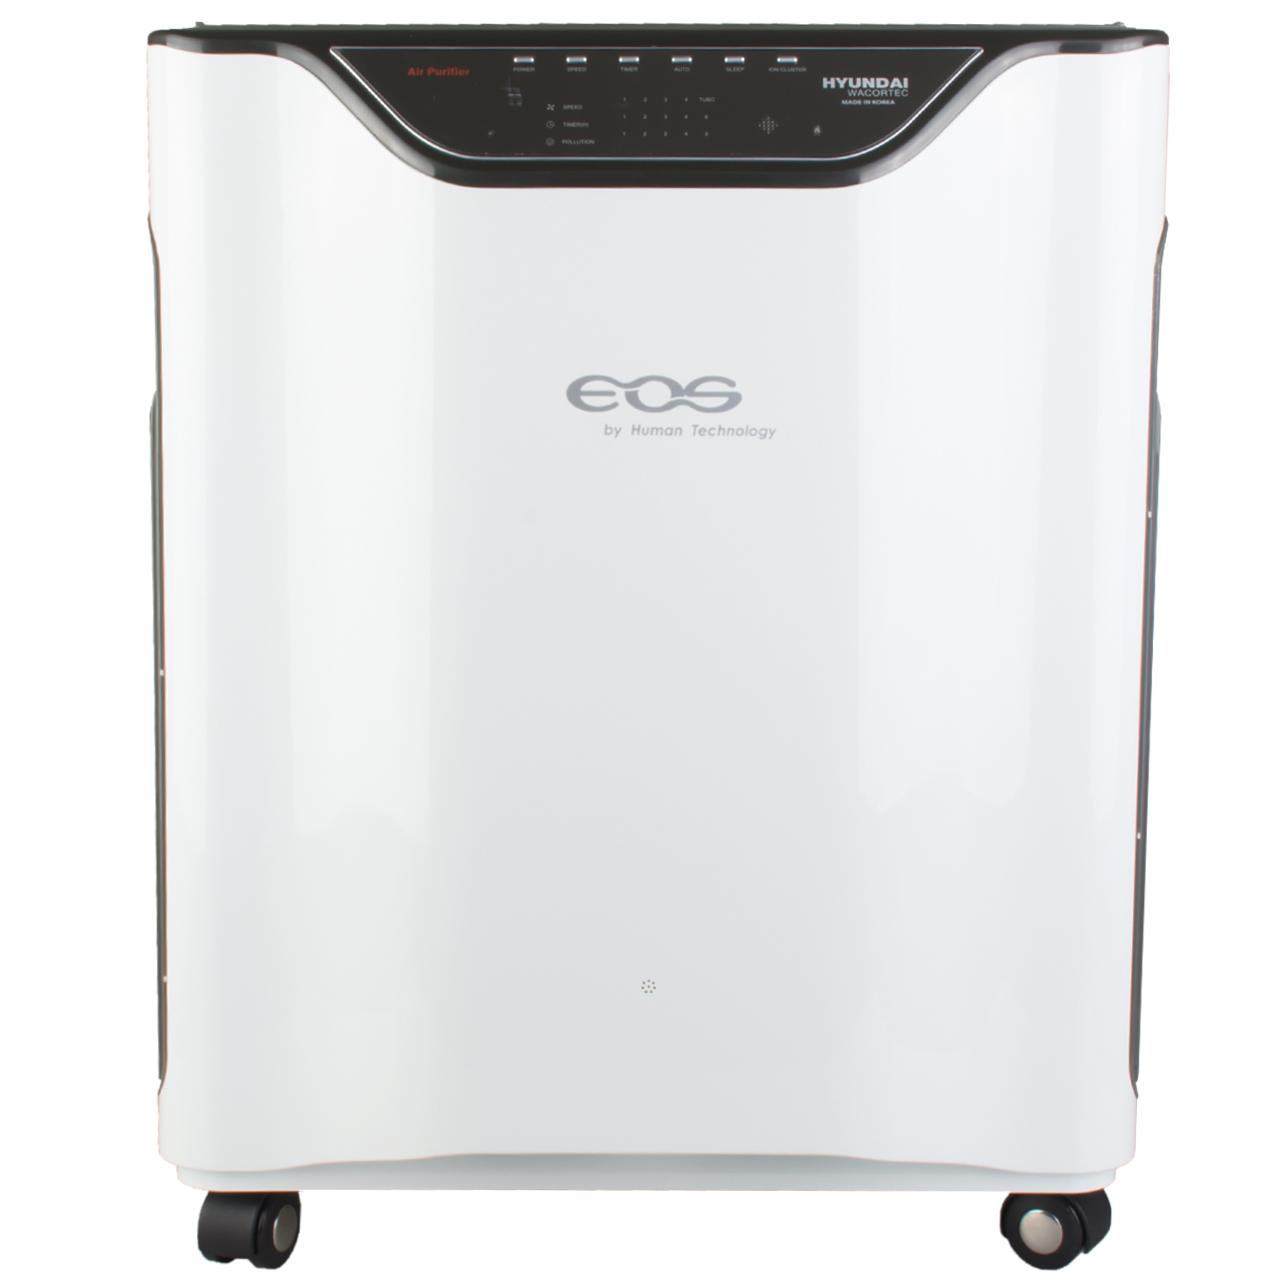 دستگاه تصفیه هوا هیوندای واکورتک مدل EOS-501D